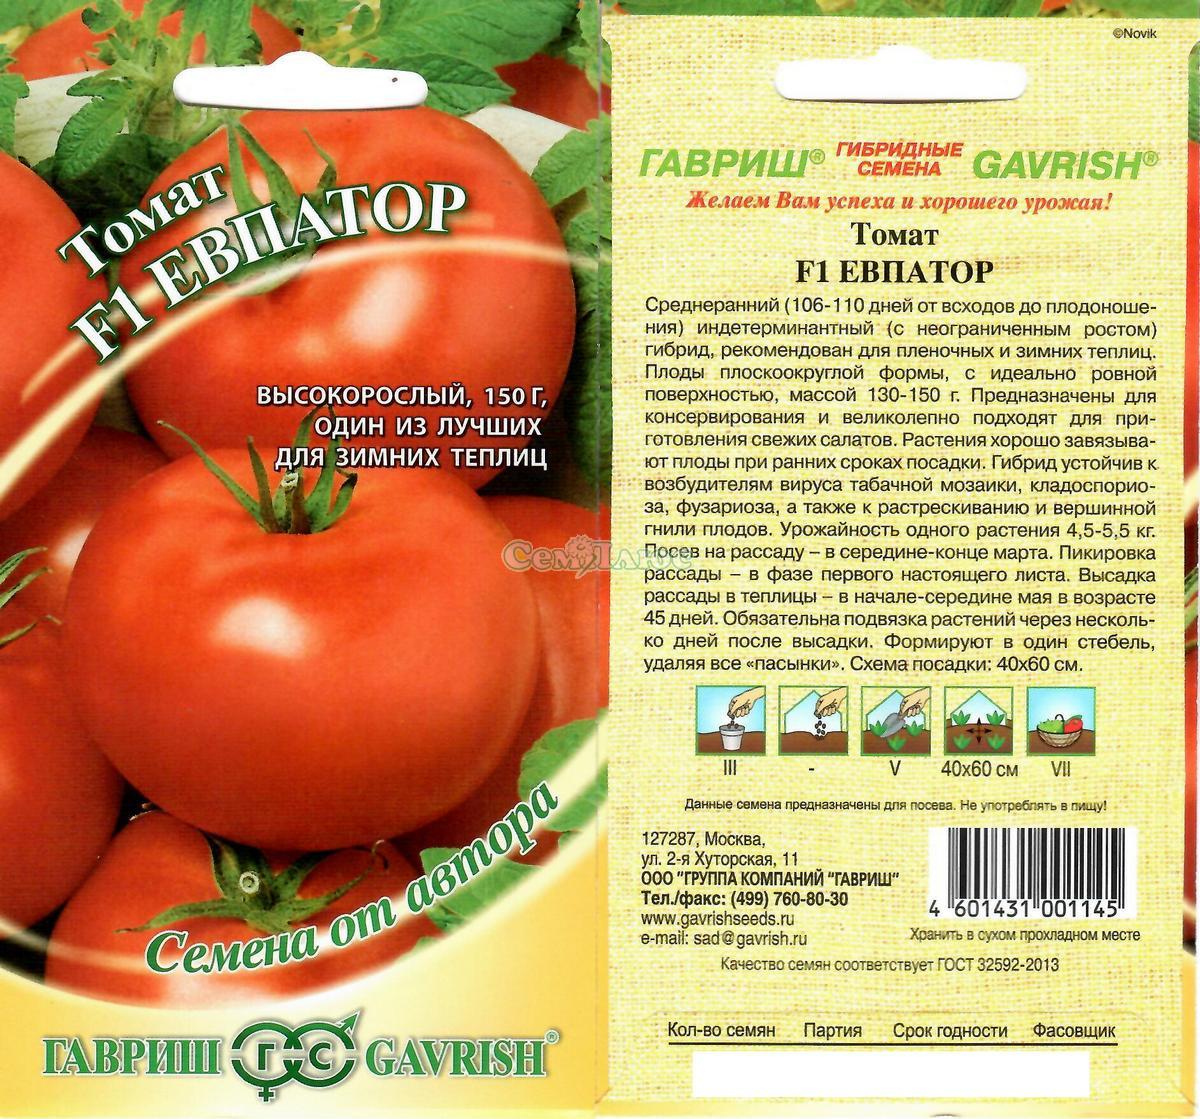 """Томат """"праздничный f1"""": описание и характеристики сорта, рекомендации по уходу за помидорами и борьба с вредителями русский фермер"""